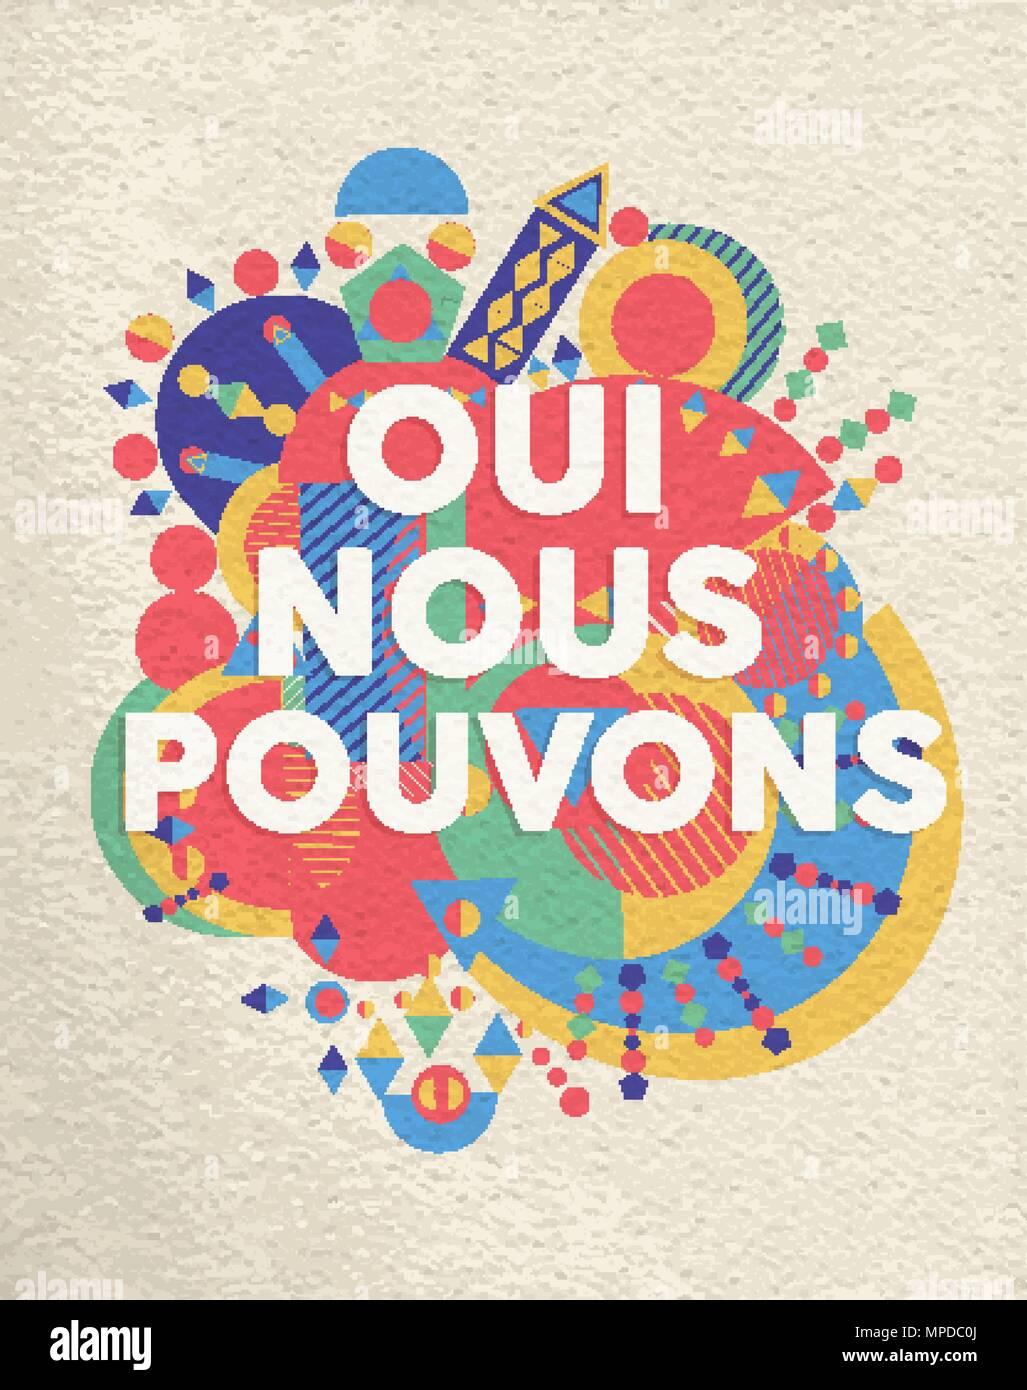 Ja Wir Konnen Bunte Typografie Plakat In Franzosischer Sprache Inspirational Motivation Zitat Design Mit Papier Textur Hintergrund Eps  Vektor